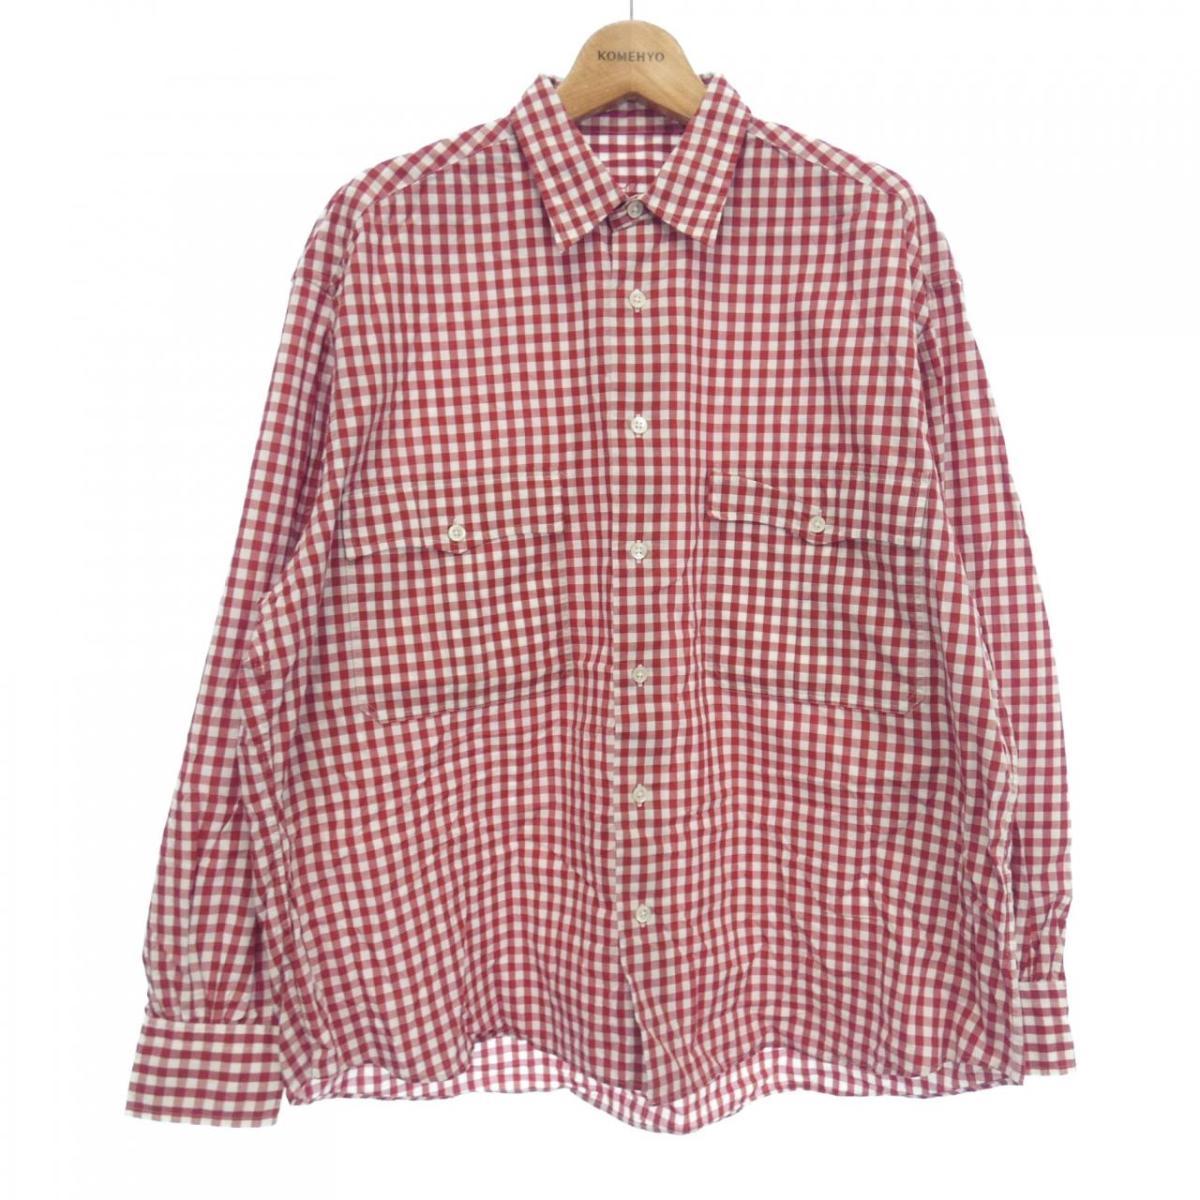 100%本物 ポータークラシック PORTER CLASSIC シャツ【】, スプラッシュ ファースト 4144c4dc